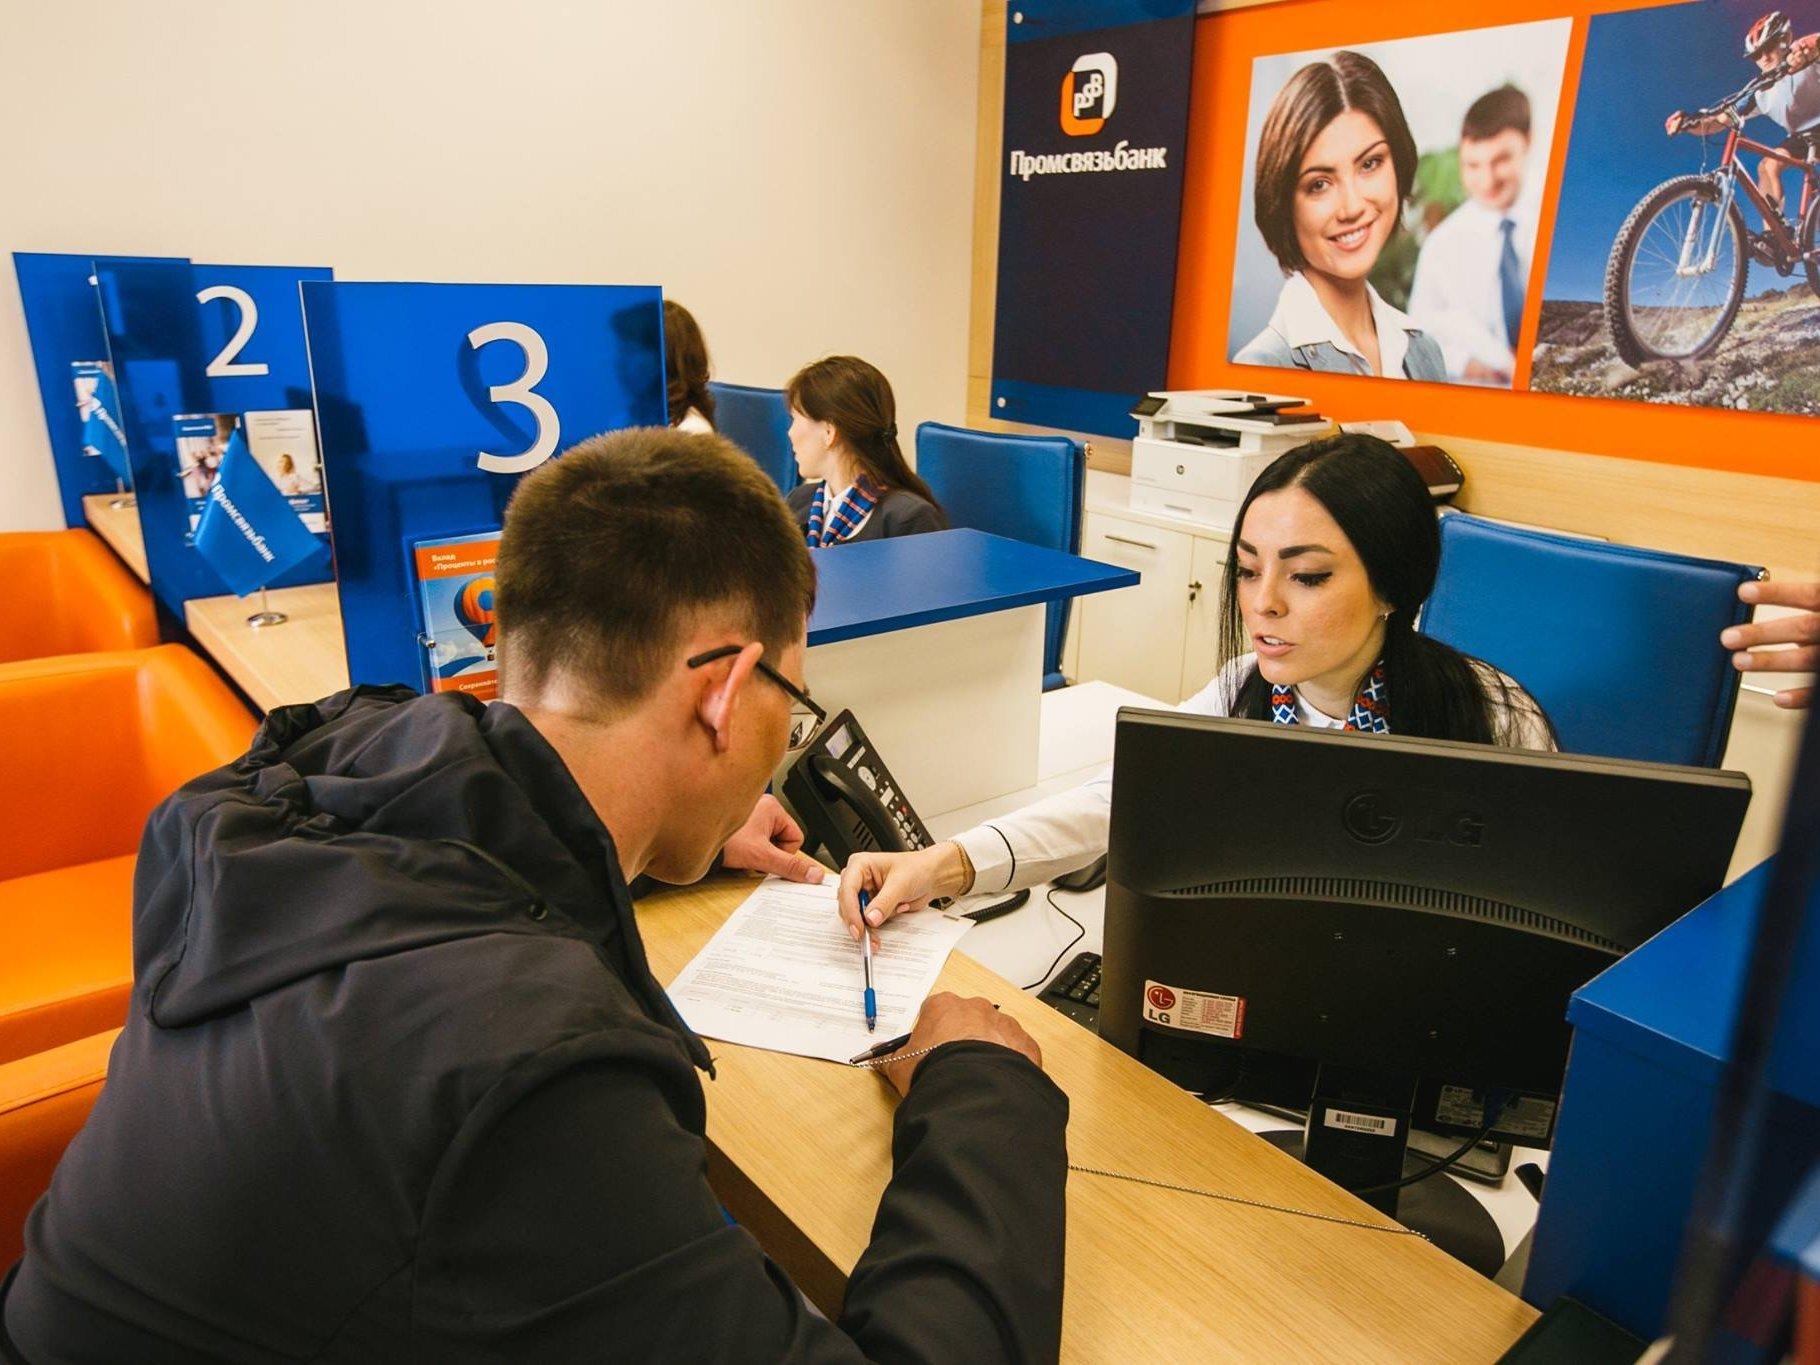 ЦБпопросил Генпрокуратуру проверить сделки сакциями Промсвязьбанка